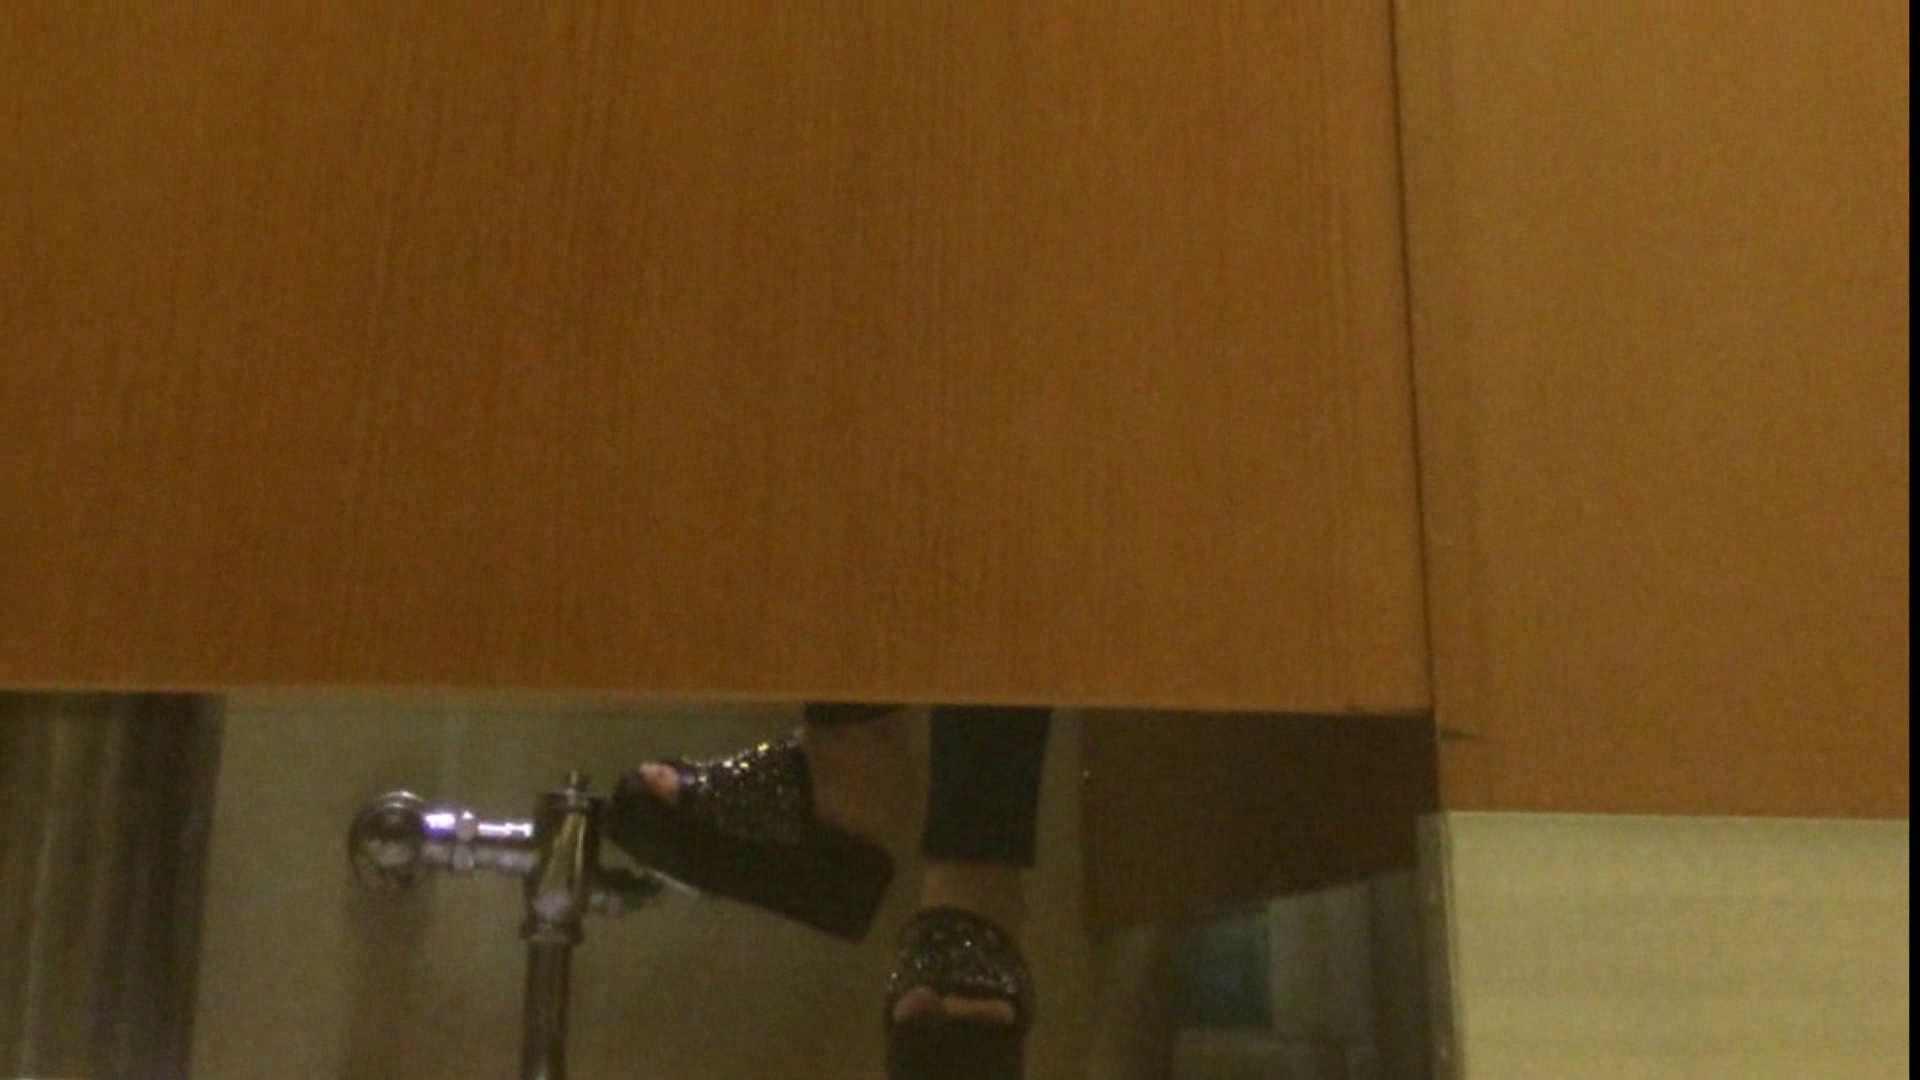 隣国化粧室下から御免!! No.14 美女 | 洗面所シーン  50画像 46